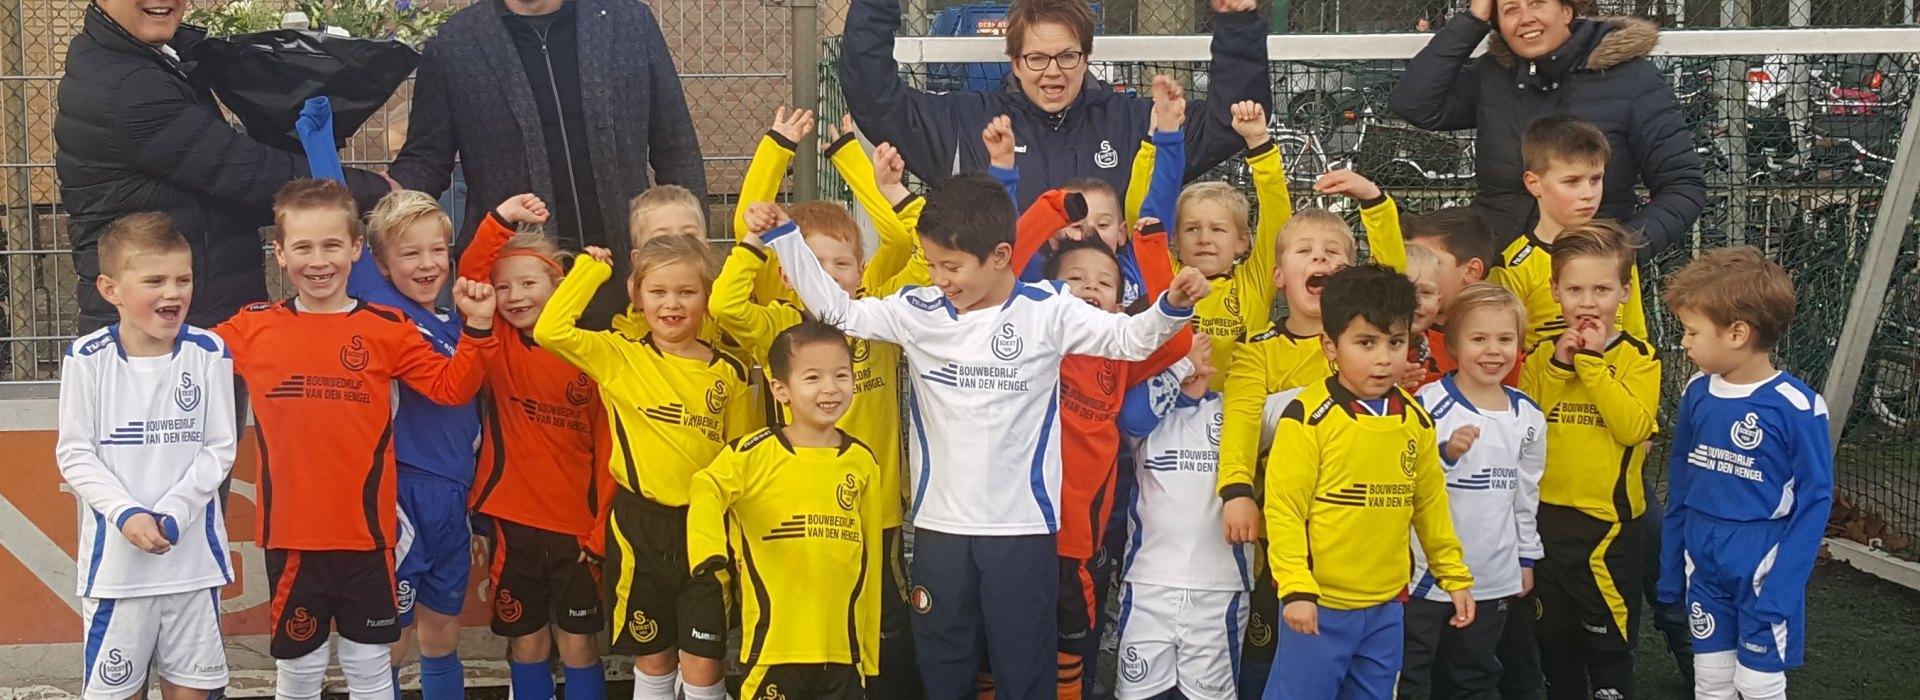 Bouwbedrijf Van den Hengel sponsort Leeuwen en Welpen van SO Soest